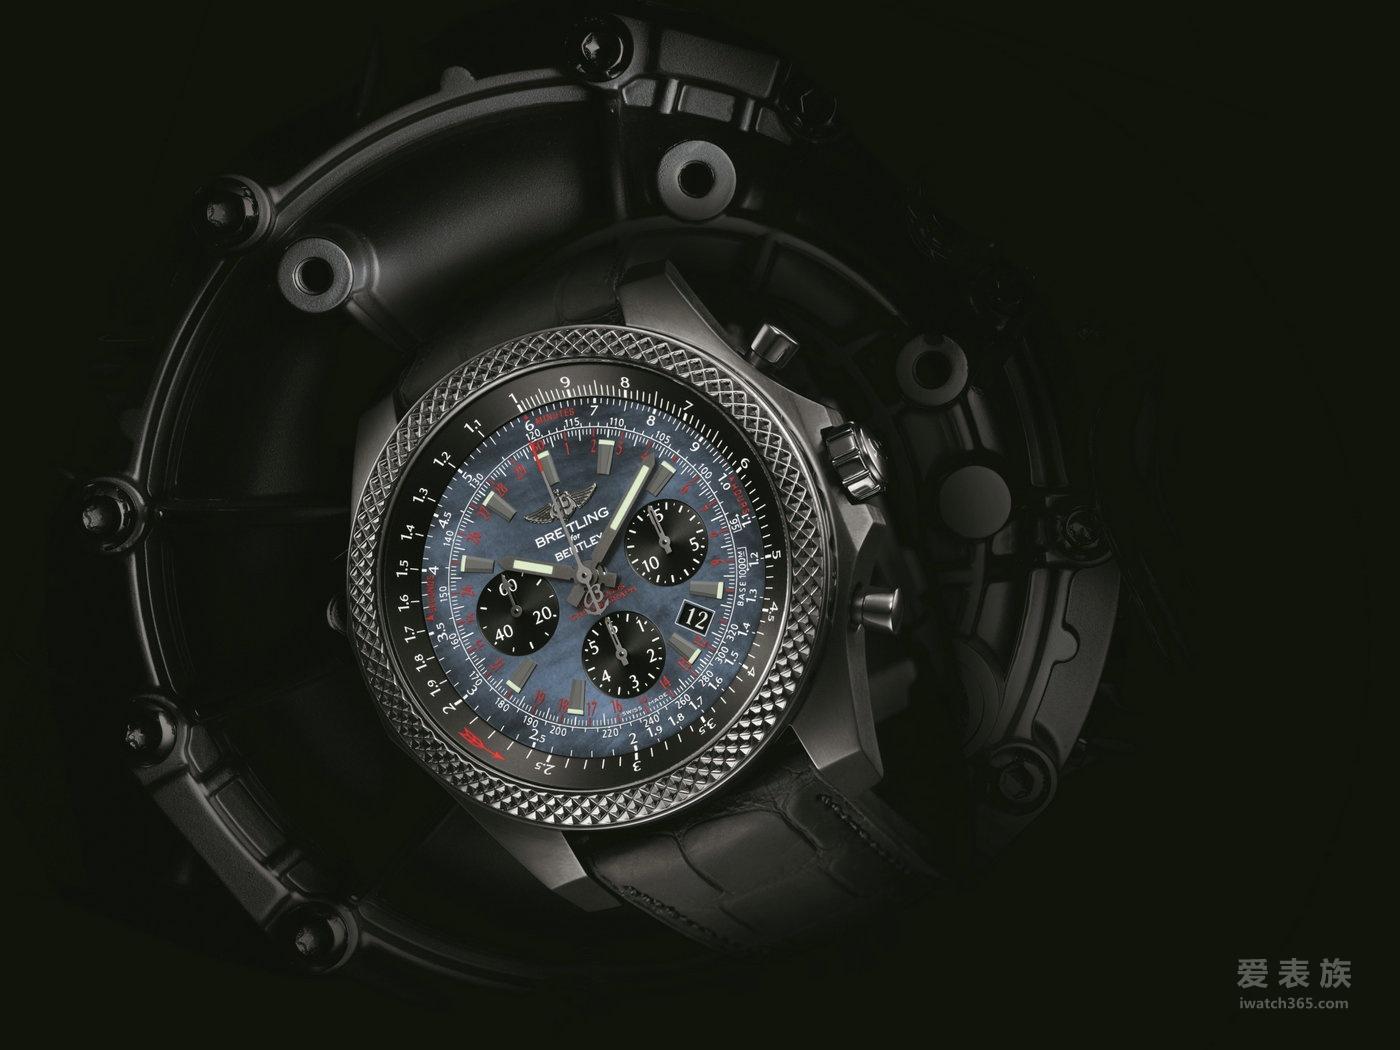 劲黑魅力 百年灵宾利 B06 计时腕表午夜黑碳版